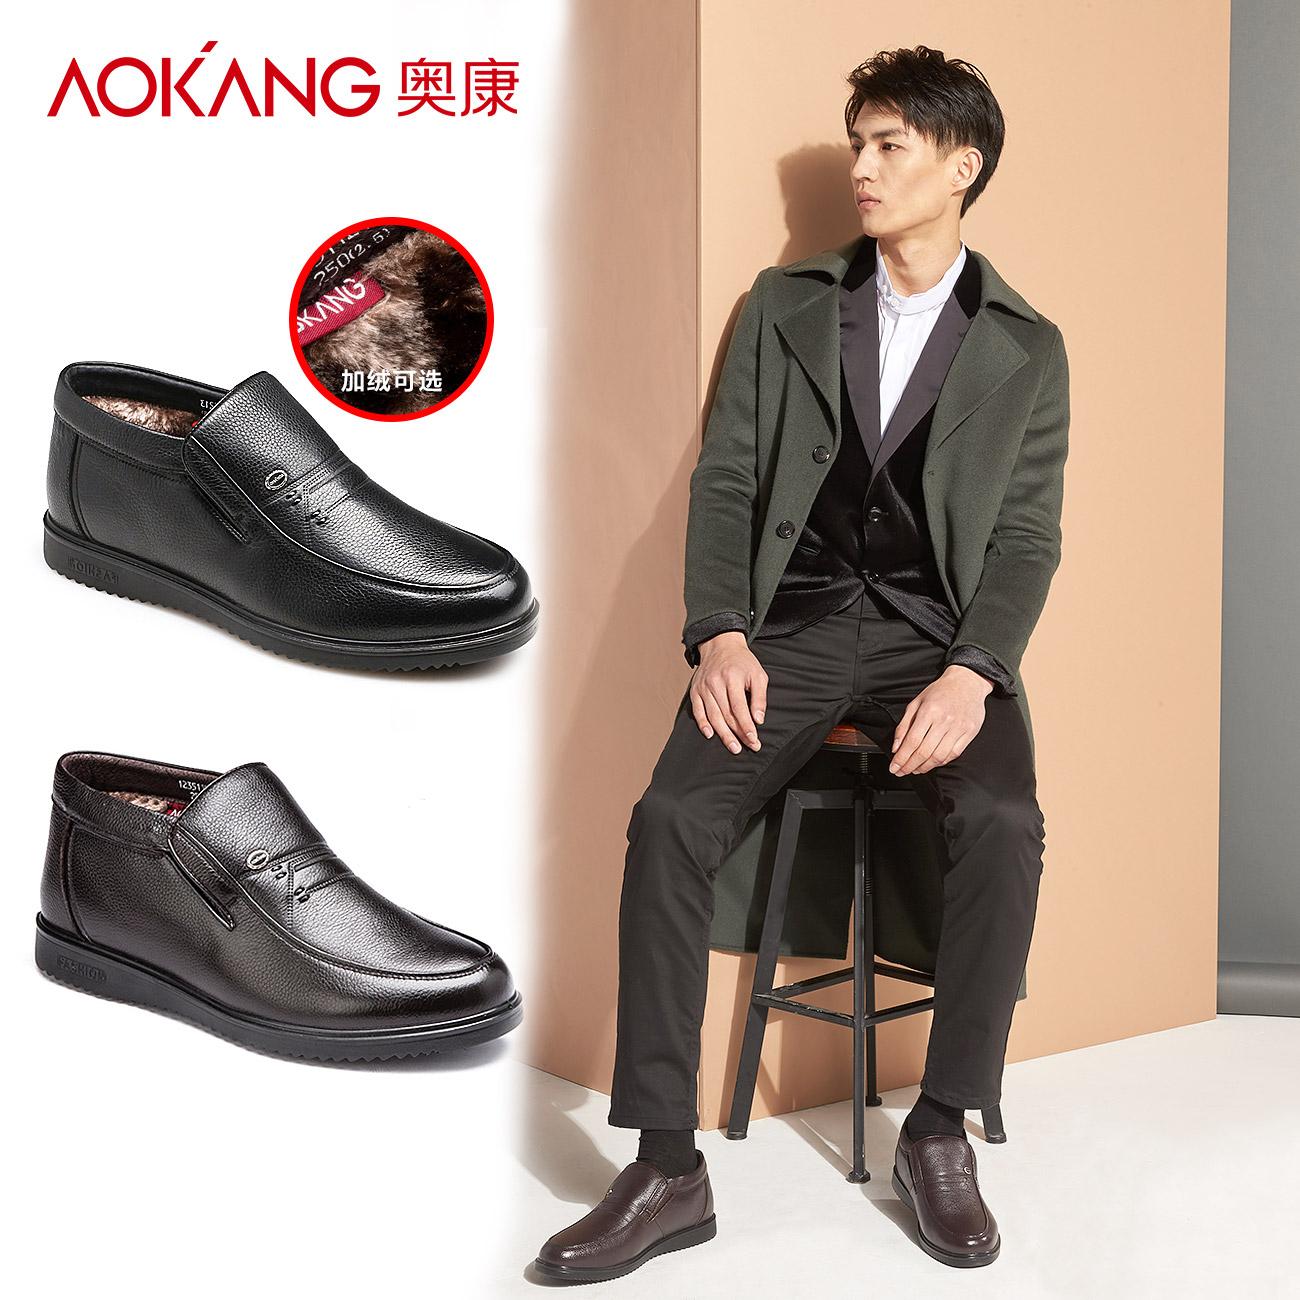 Заумный мир мужская обувь зимний с дополнительным слоем пуха теплые хлопок обувной мужской кожаная обувь натуральная кожа бизнес повседневный обувной ступня высокий обувь мужчина